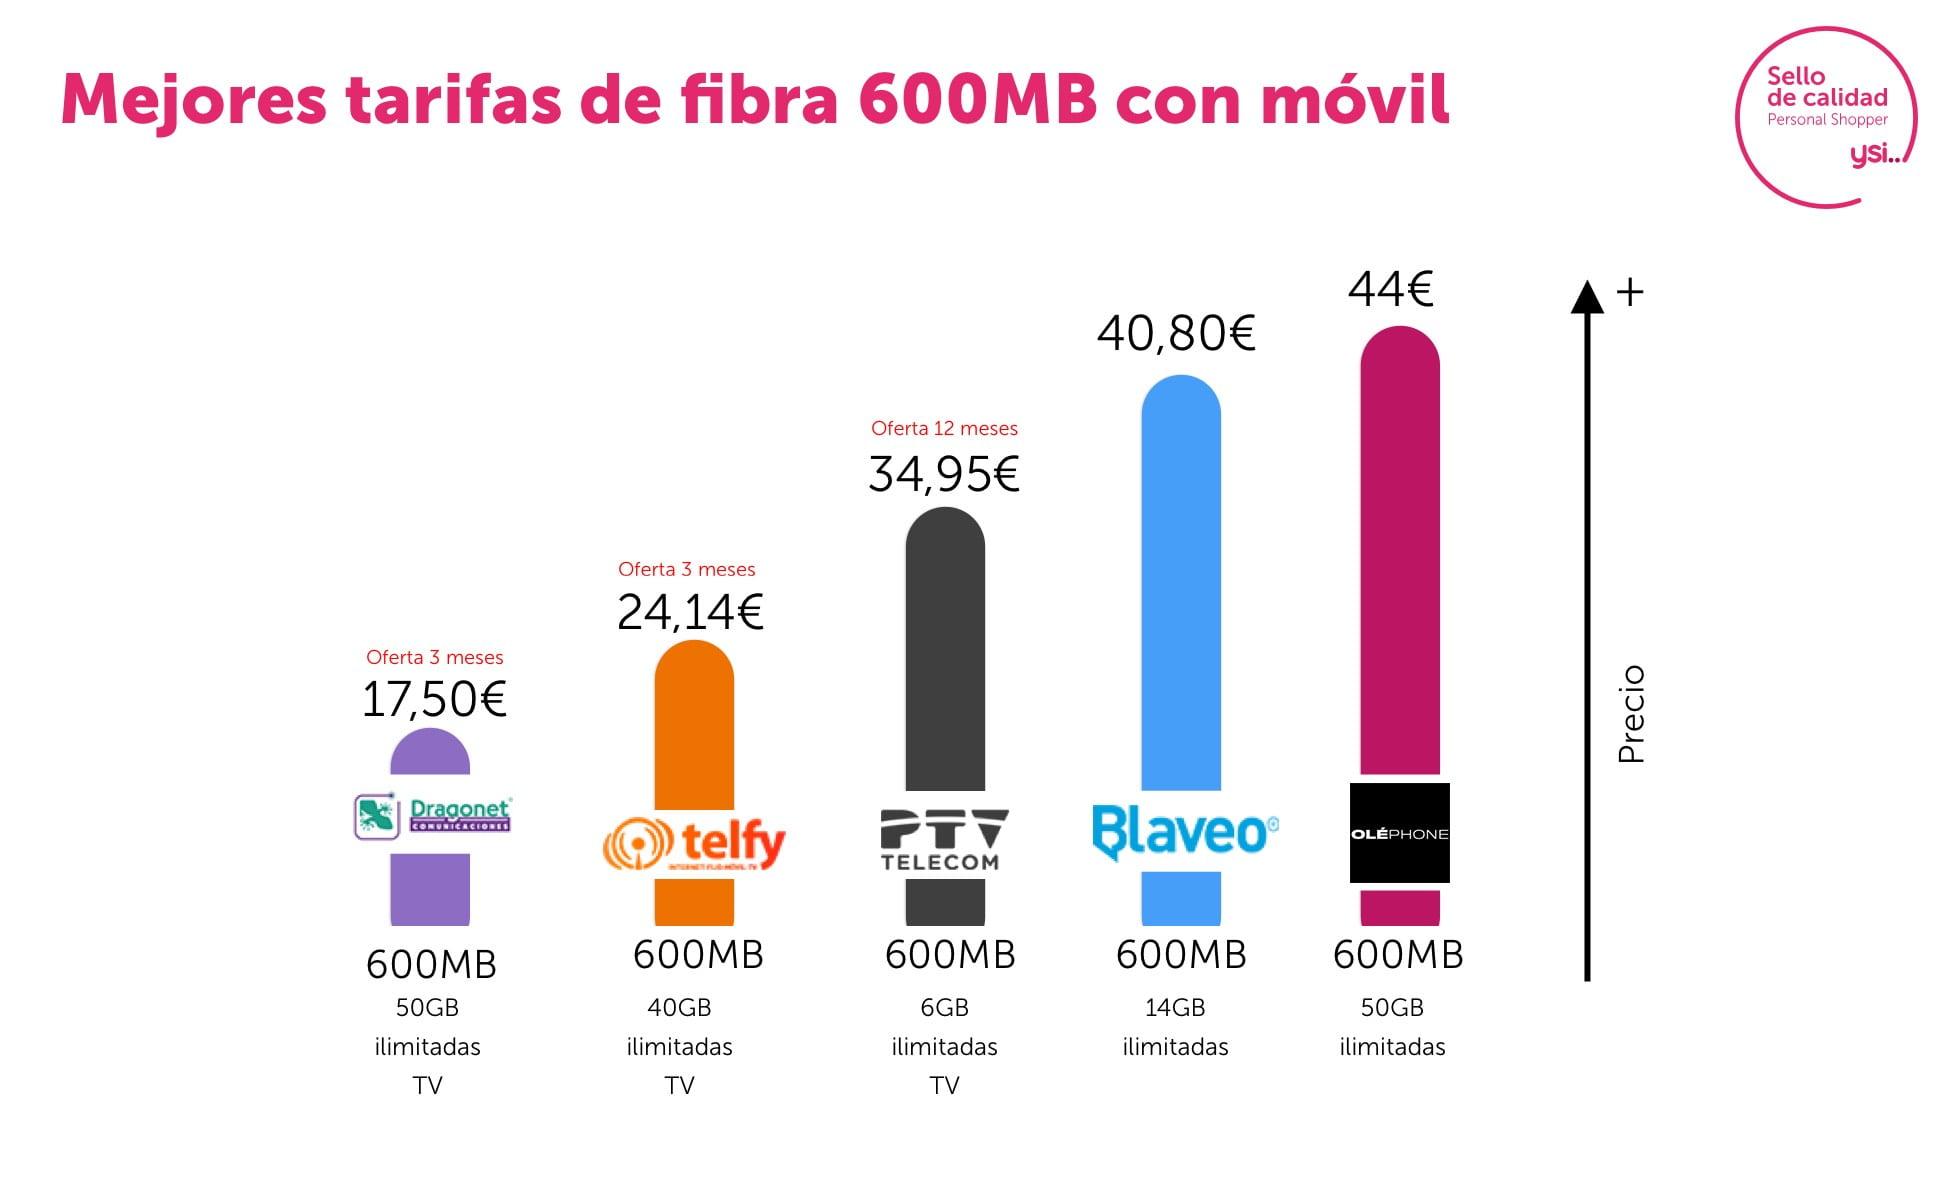 Las mejores tarifas combinadas de fibra y móvil de agosto